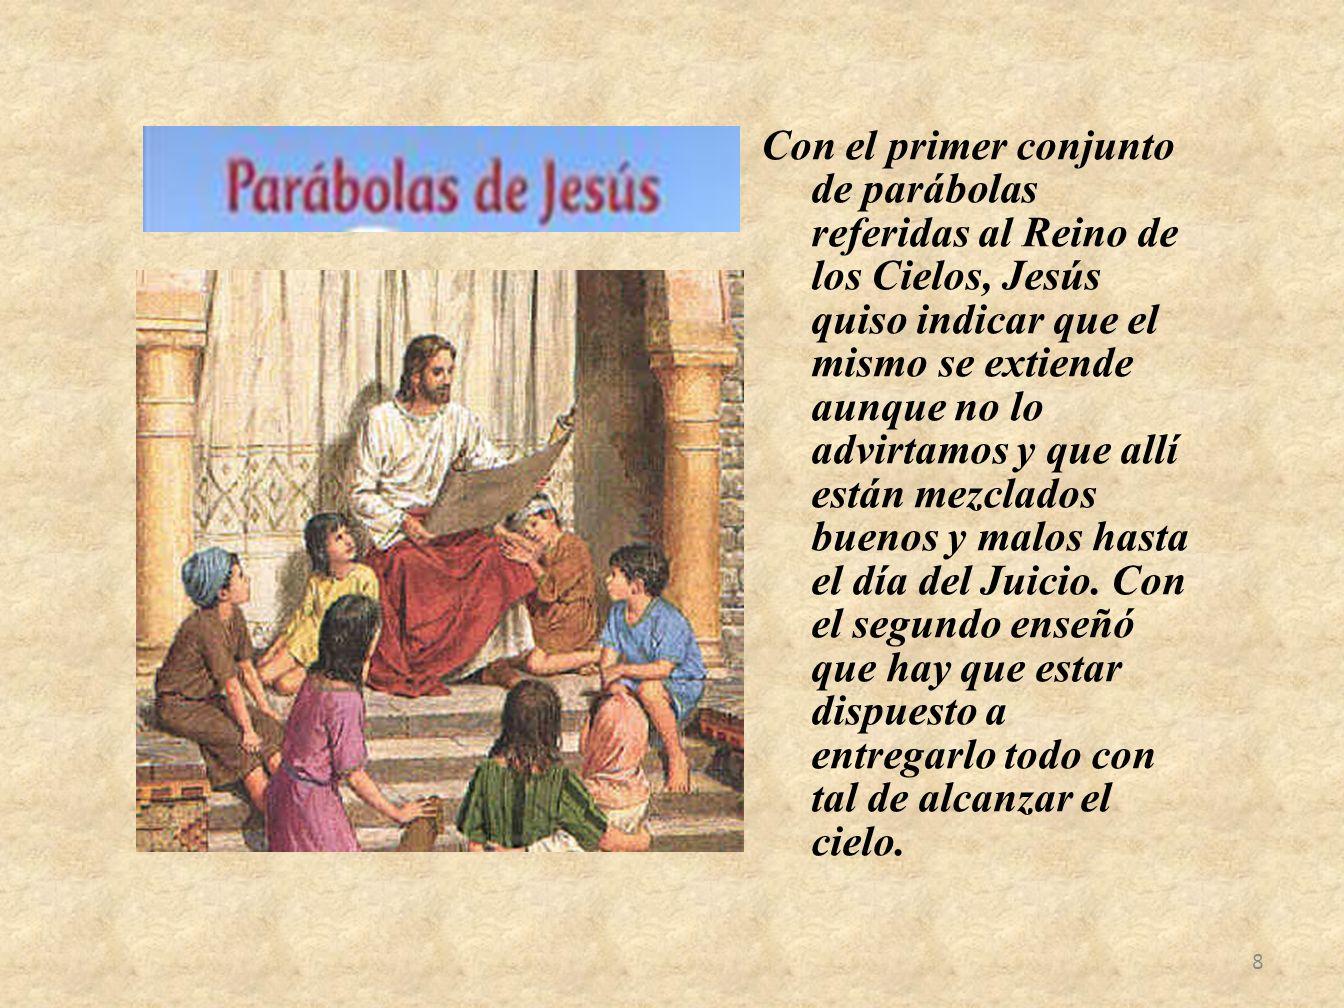 Con el primer conjunto de parábolas referidas al Reino de los Cielos, Jesús quiso indicar que el mismo se extiende aunque no lo advirtamos y que allí